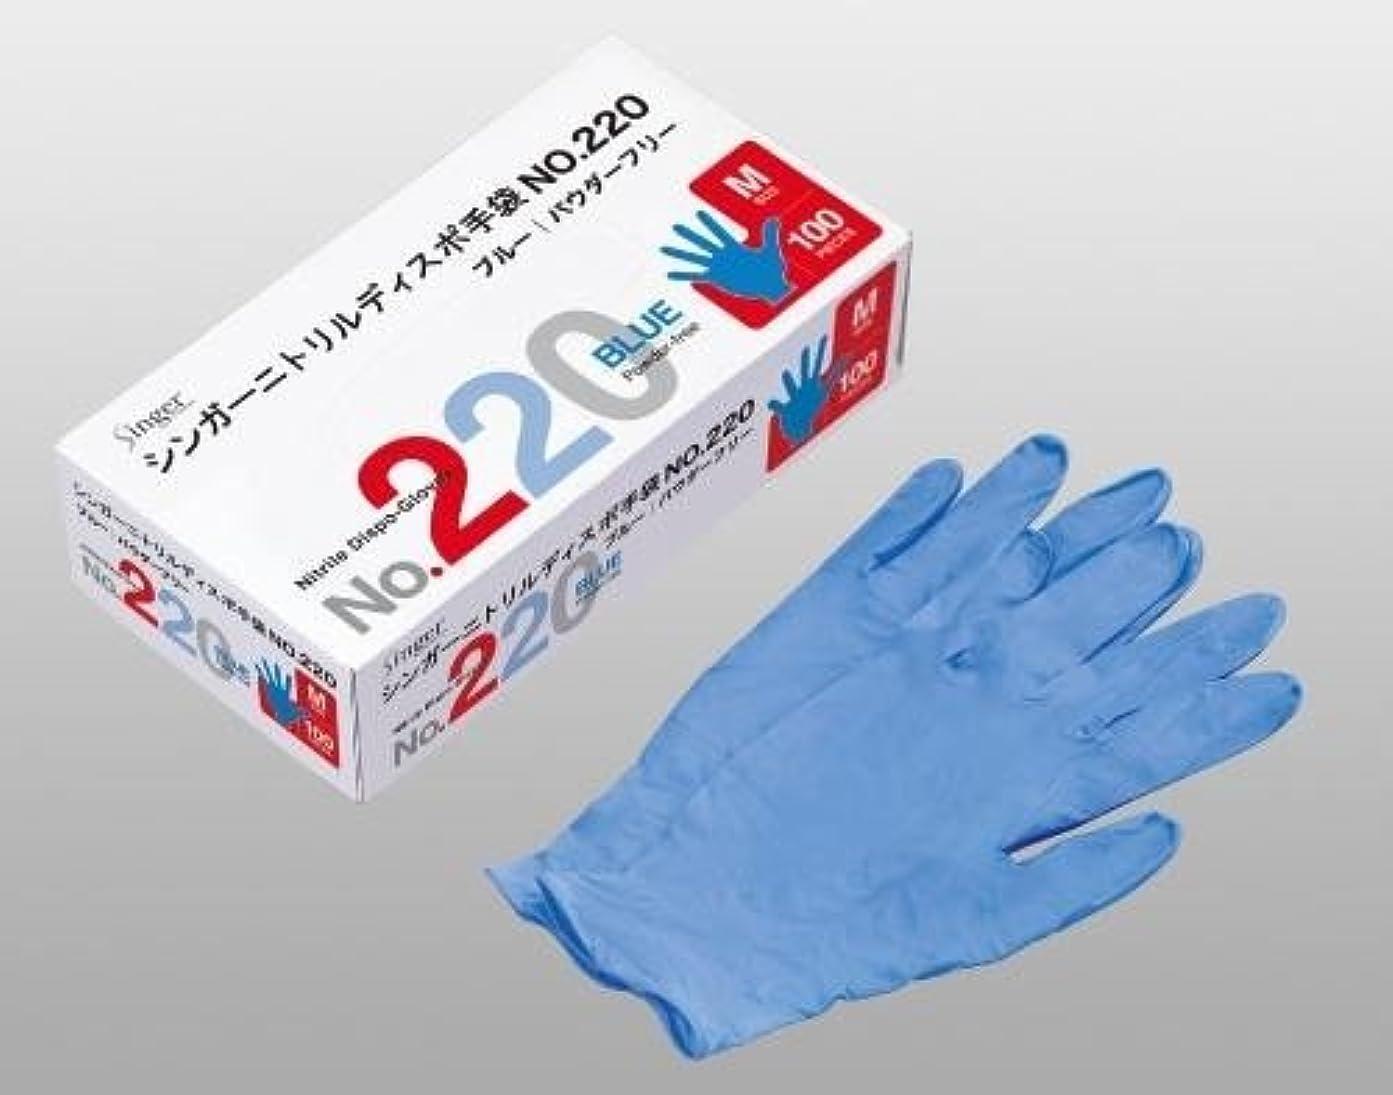 所属ブラウズ作りますシンガーニトリルディスポ手袋 No.220 ブルー パウダーフリー(100枚) S